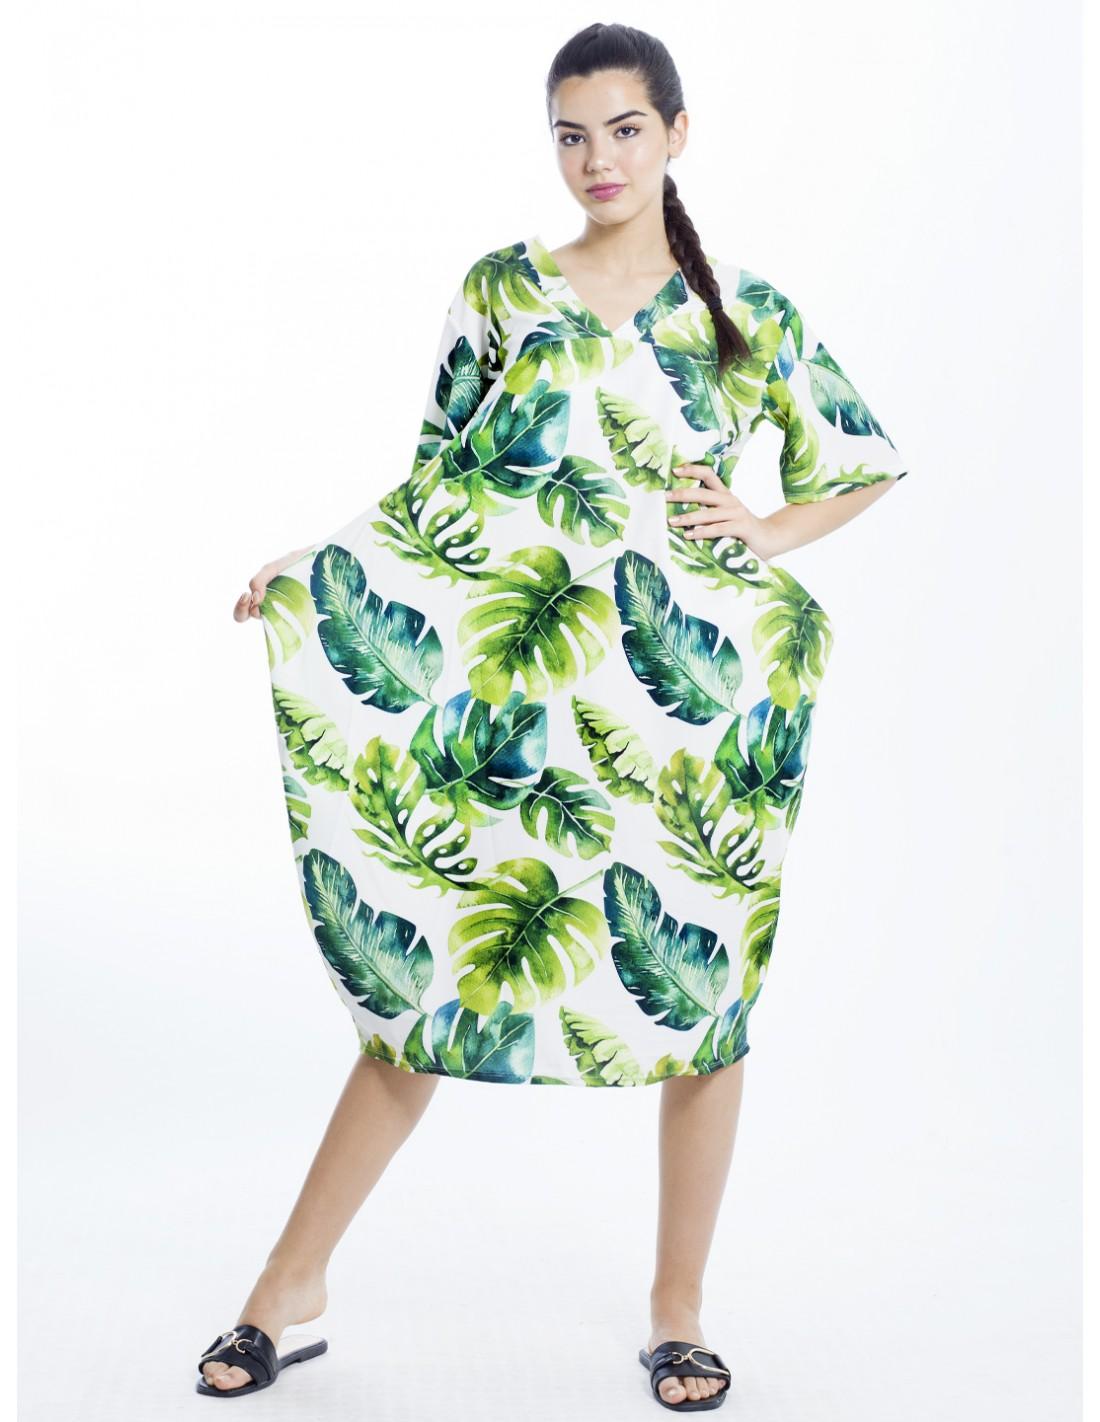 Robe Longue Legere Fashion Vetements Zerda Boutique Mode Pas Cher